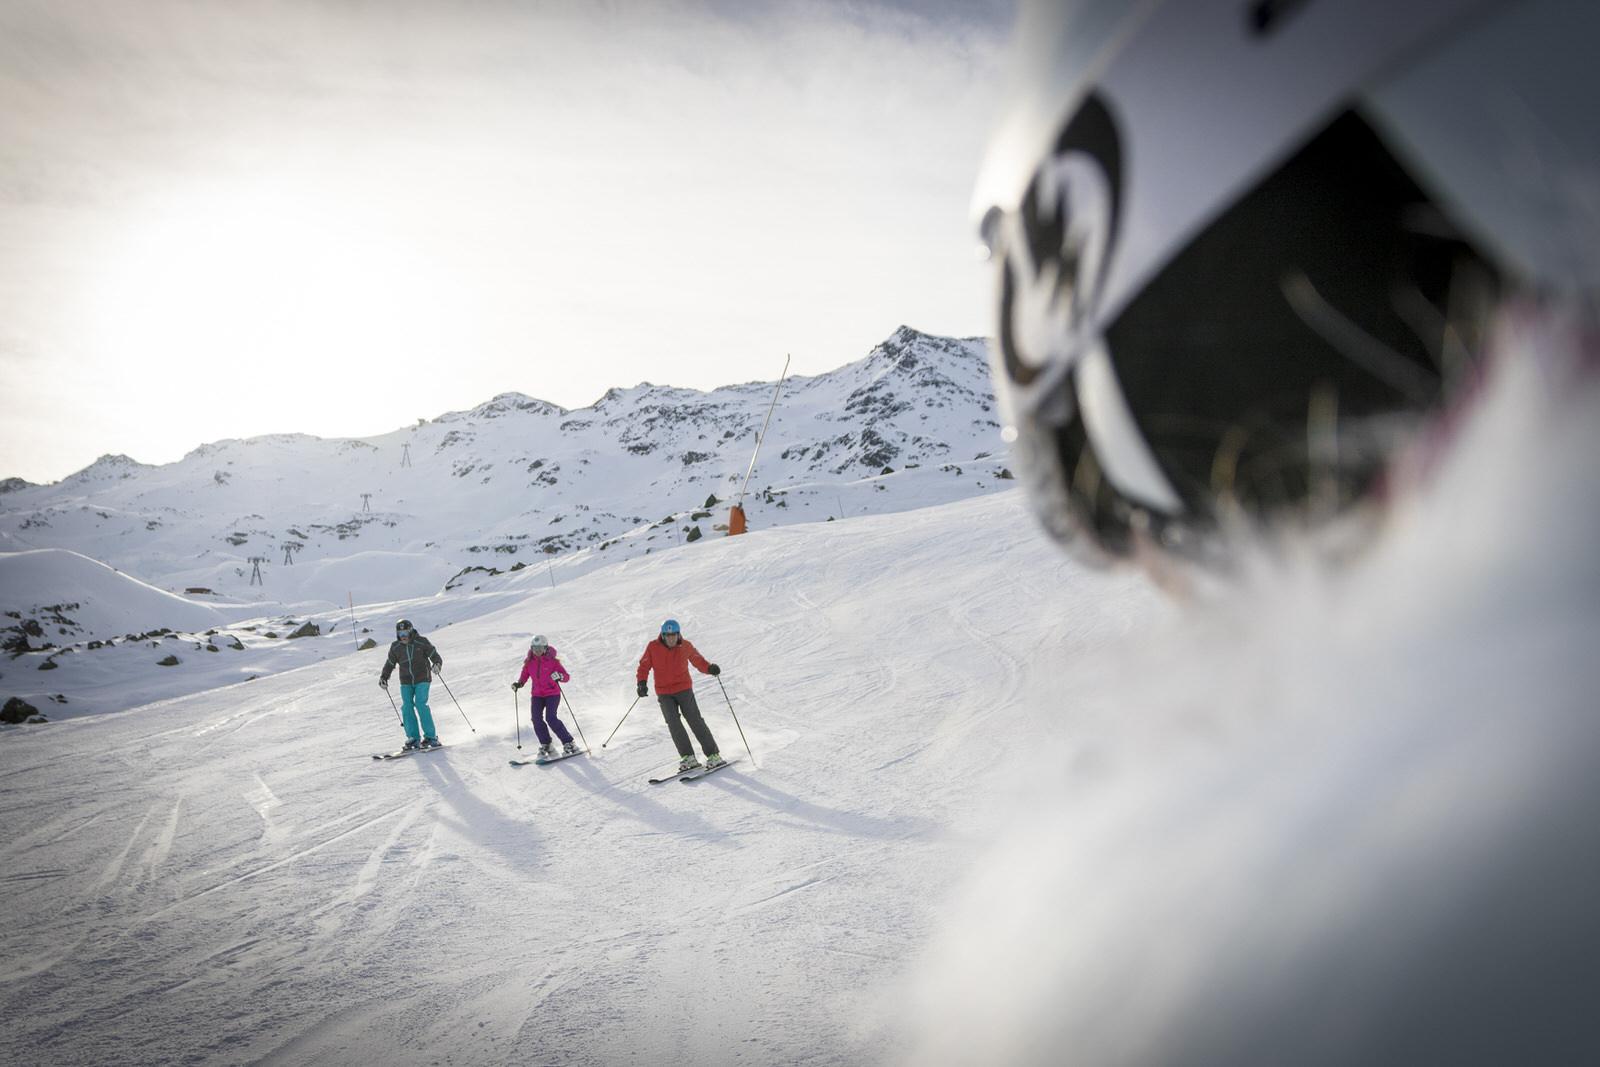 Ski alpin sur piste - Les 3 Vallées